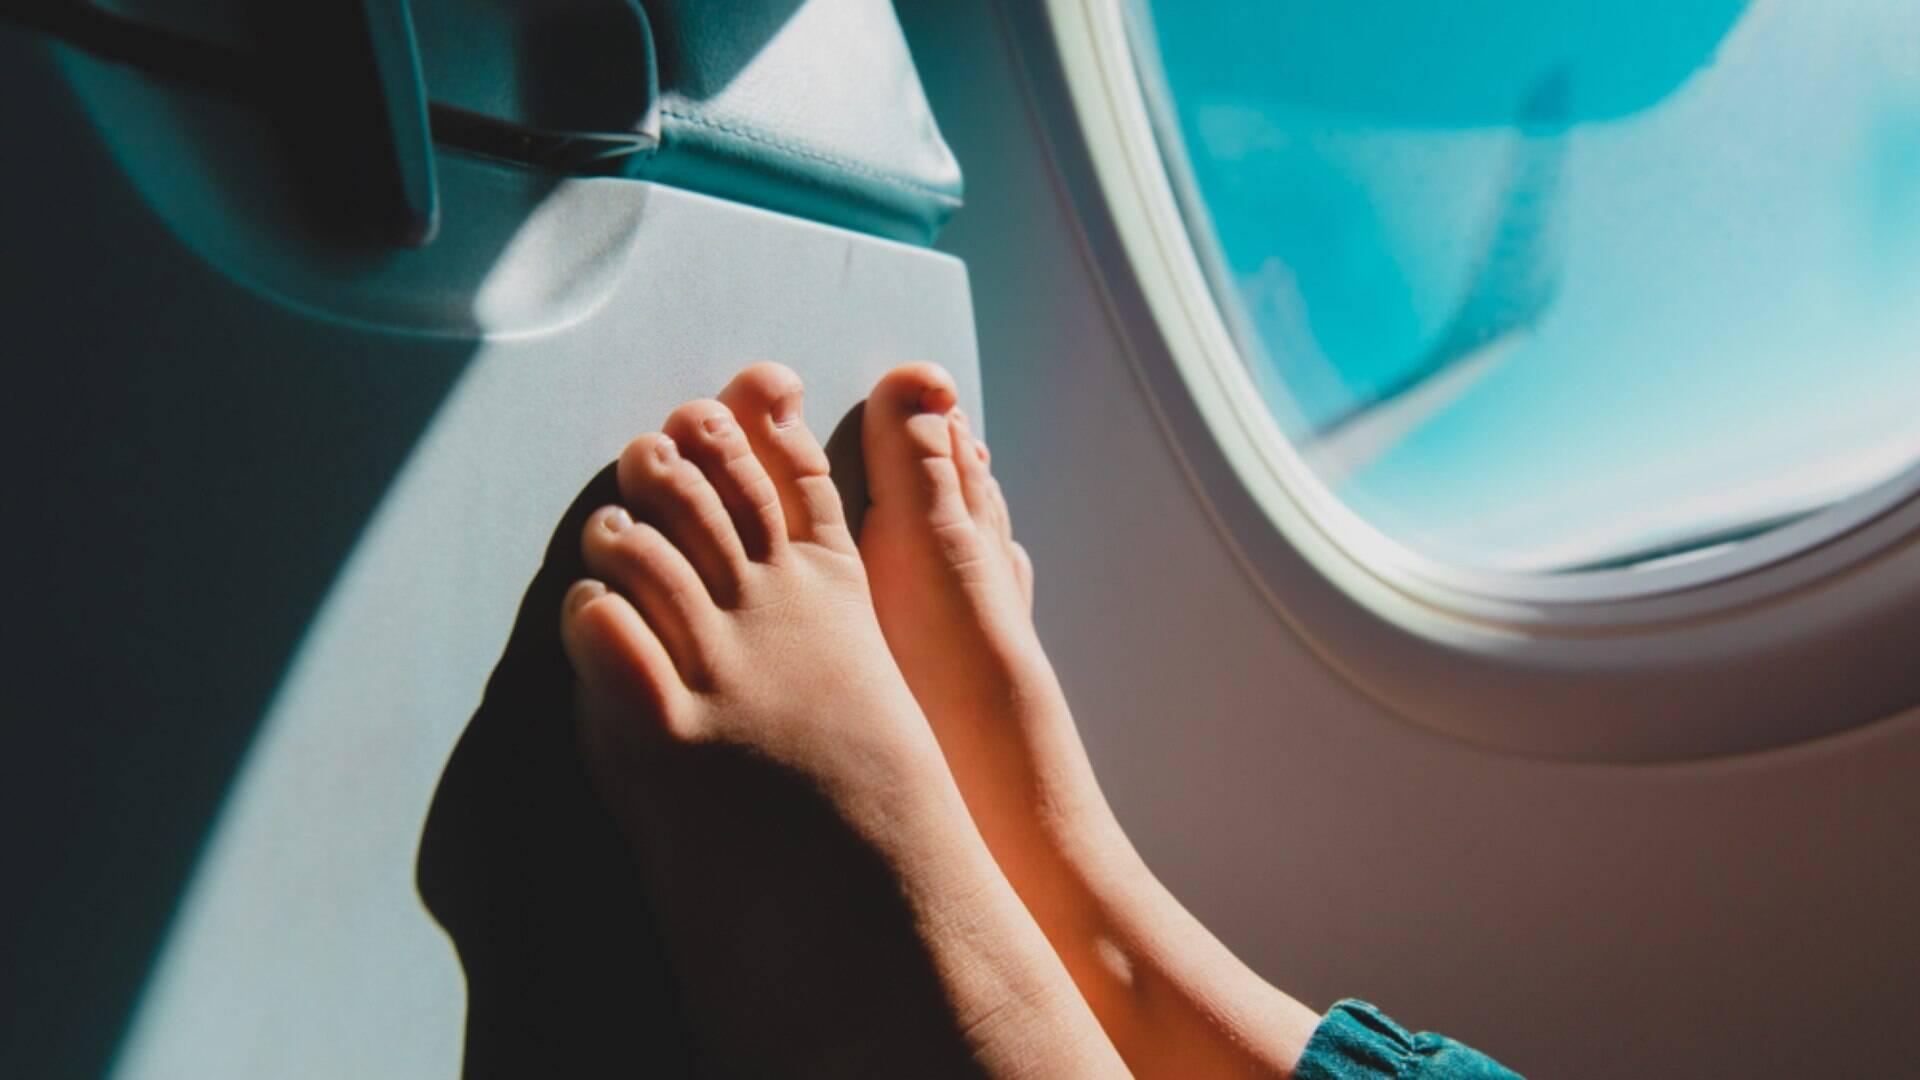 como evitar o inchaço nos voos